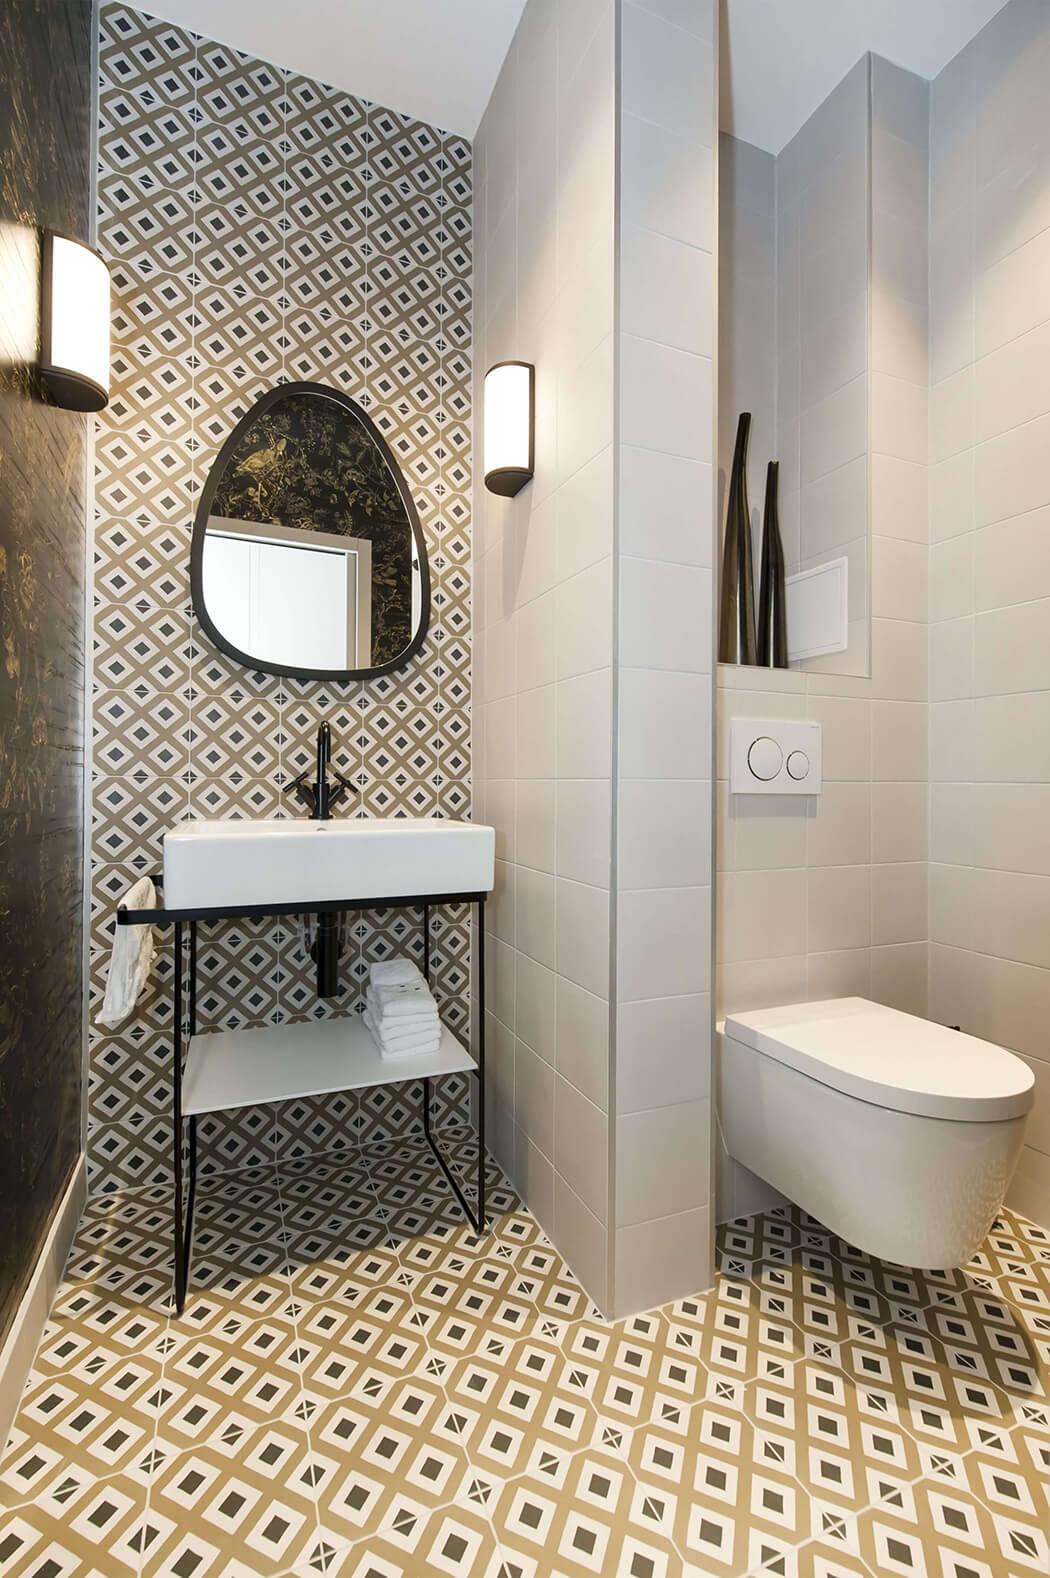 salle de bain haut de gamme très tendance avec carreaux de ciment, appliques murales et wc suspendus